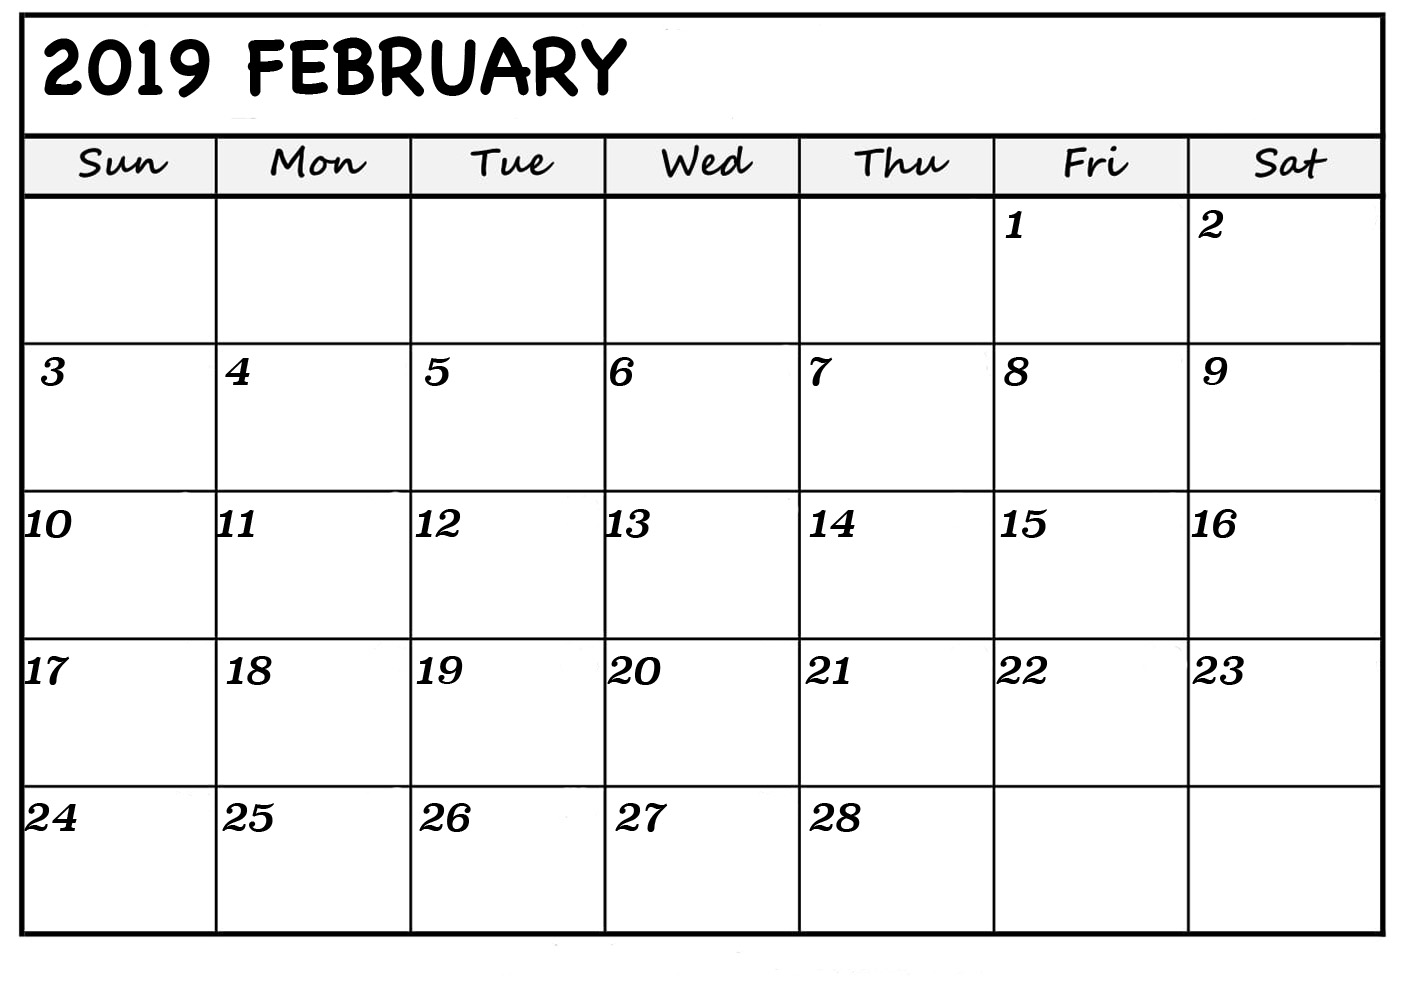 February 2019 Printable Calendar Free Calendar February 2019 Printable   Free Printable Calendar